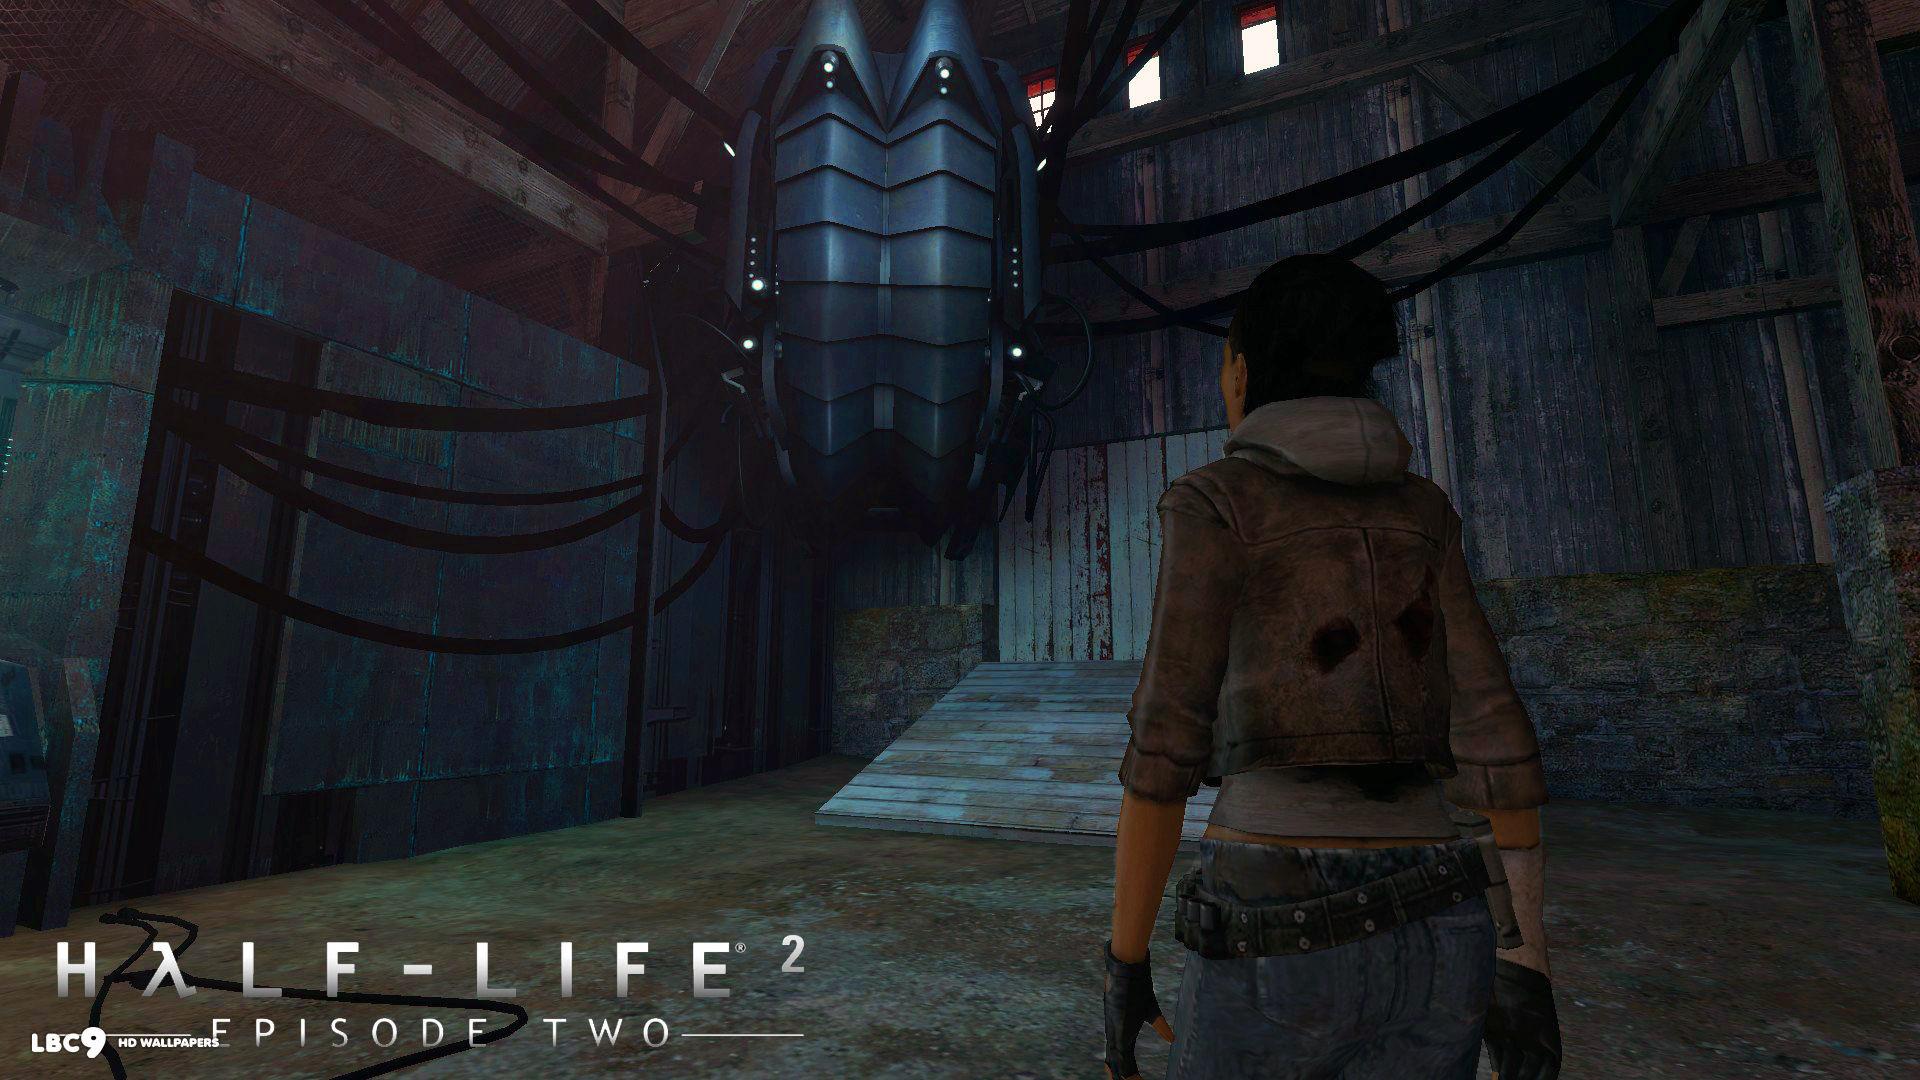 Half Life 2 Wallpaper HD (77+ Images